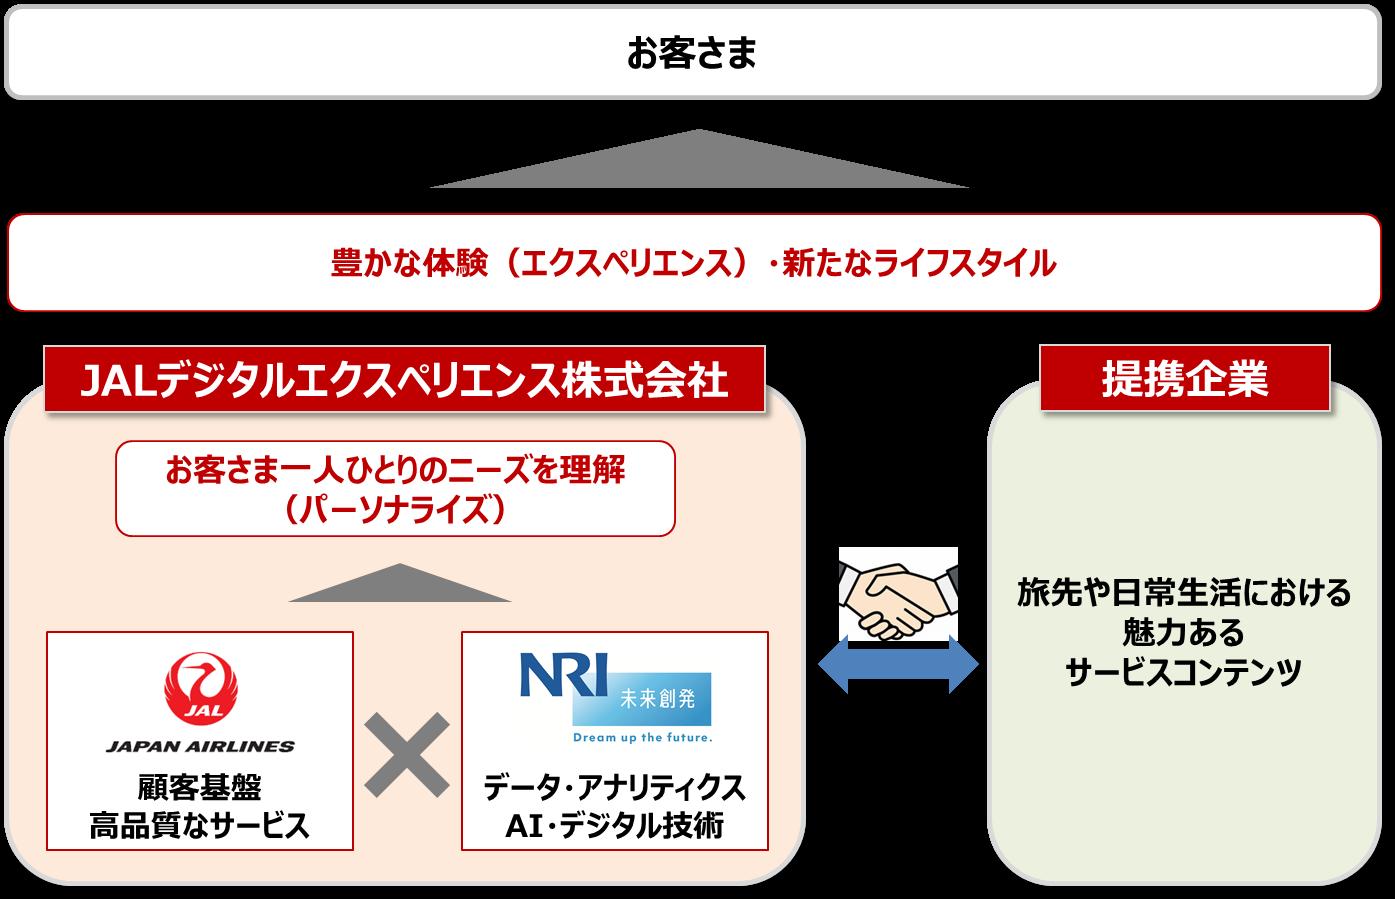 JALデジタルエクスペリエンス